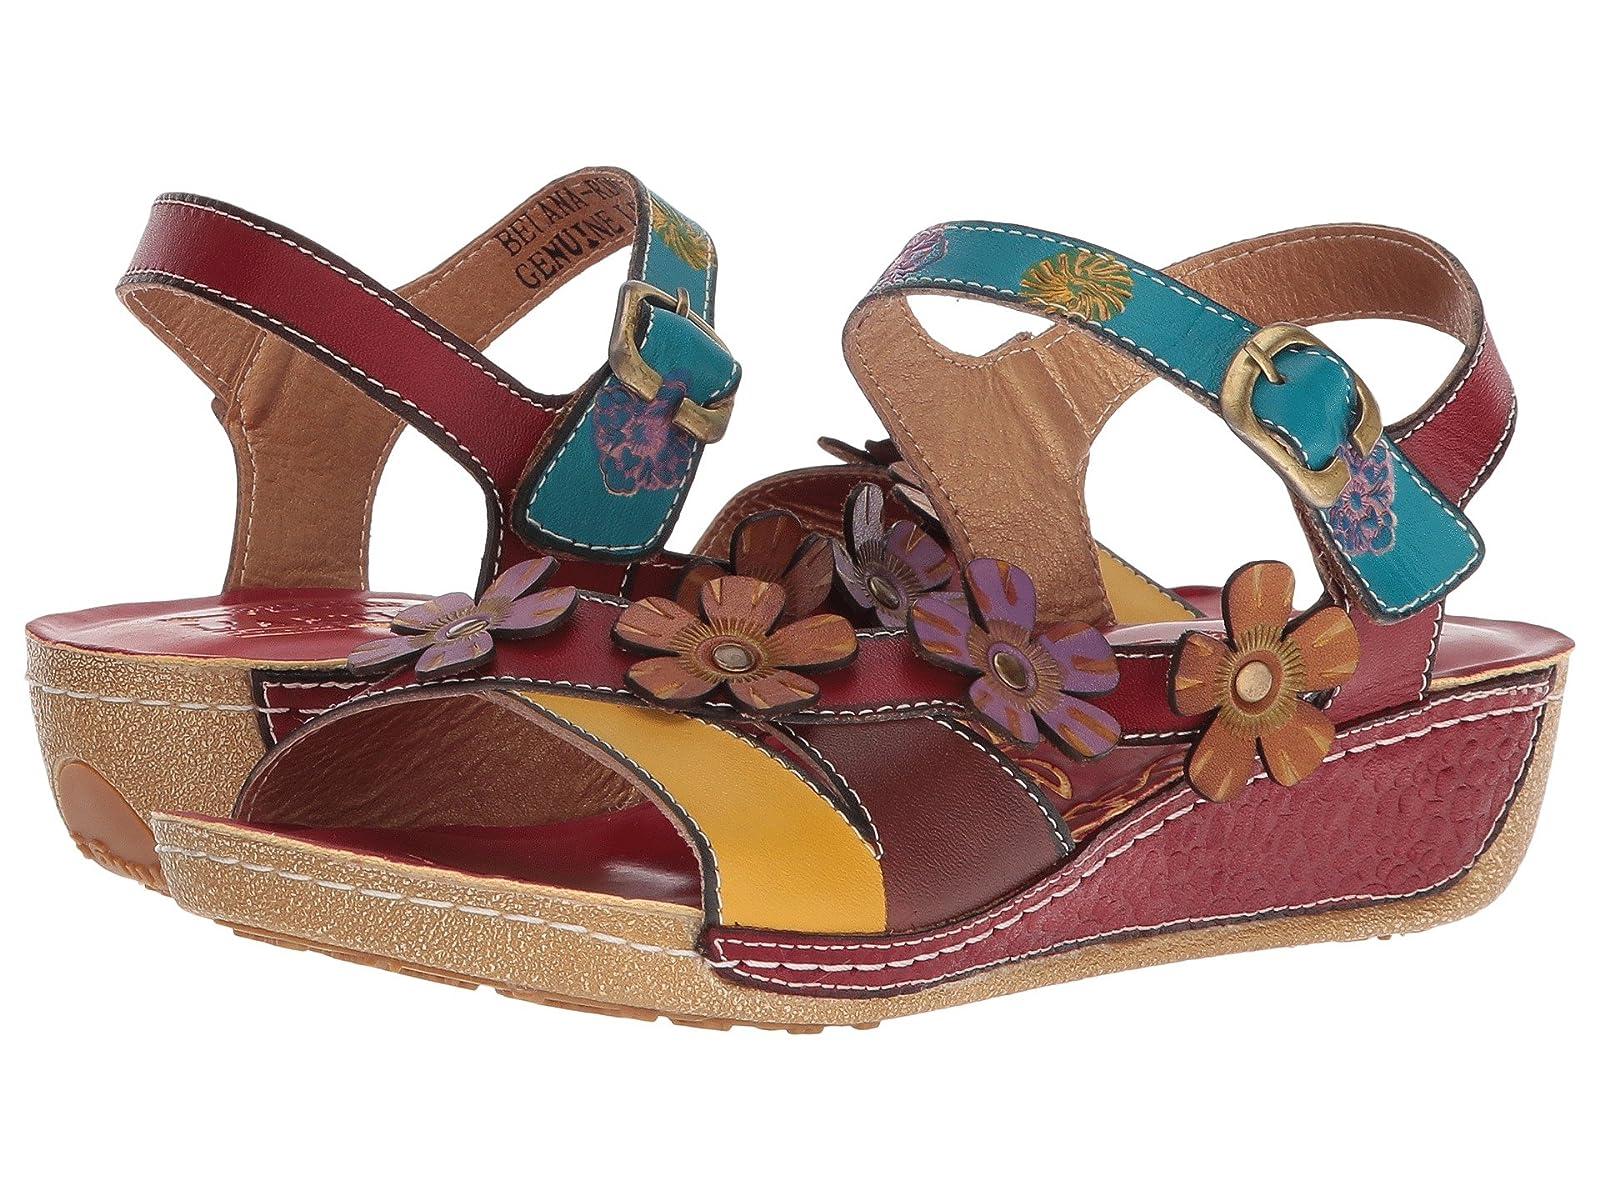 L'Artiste by Spring Step BelanaAtmospheric grades have affordable shoes